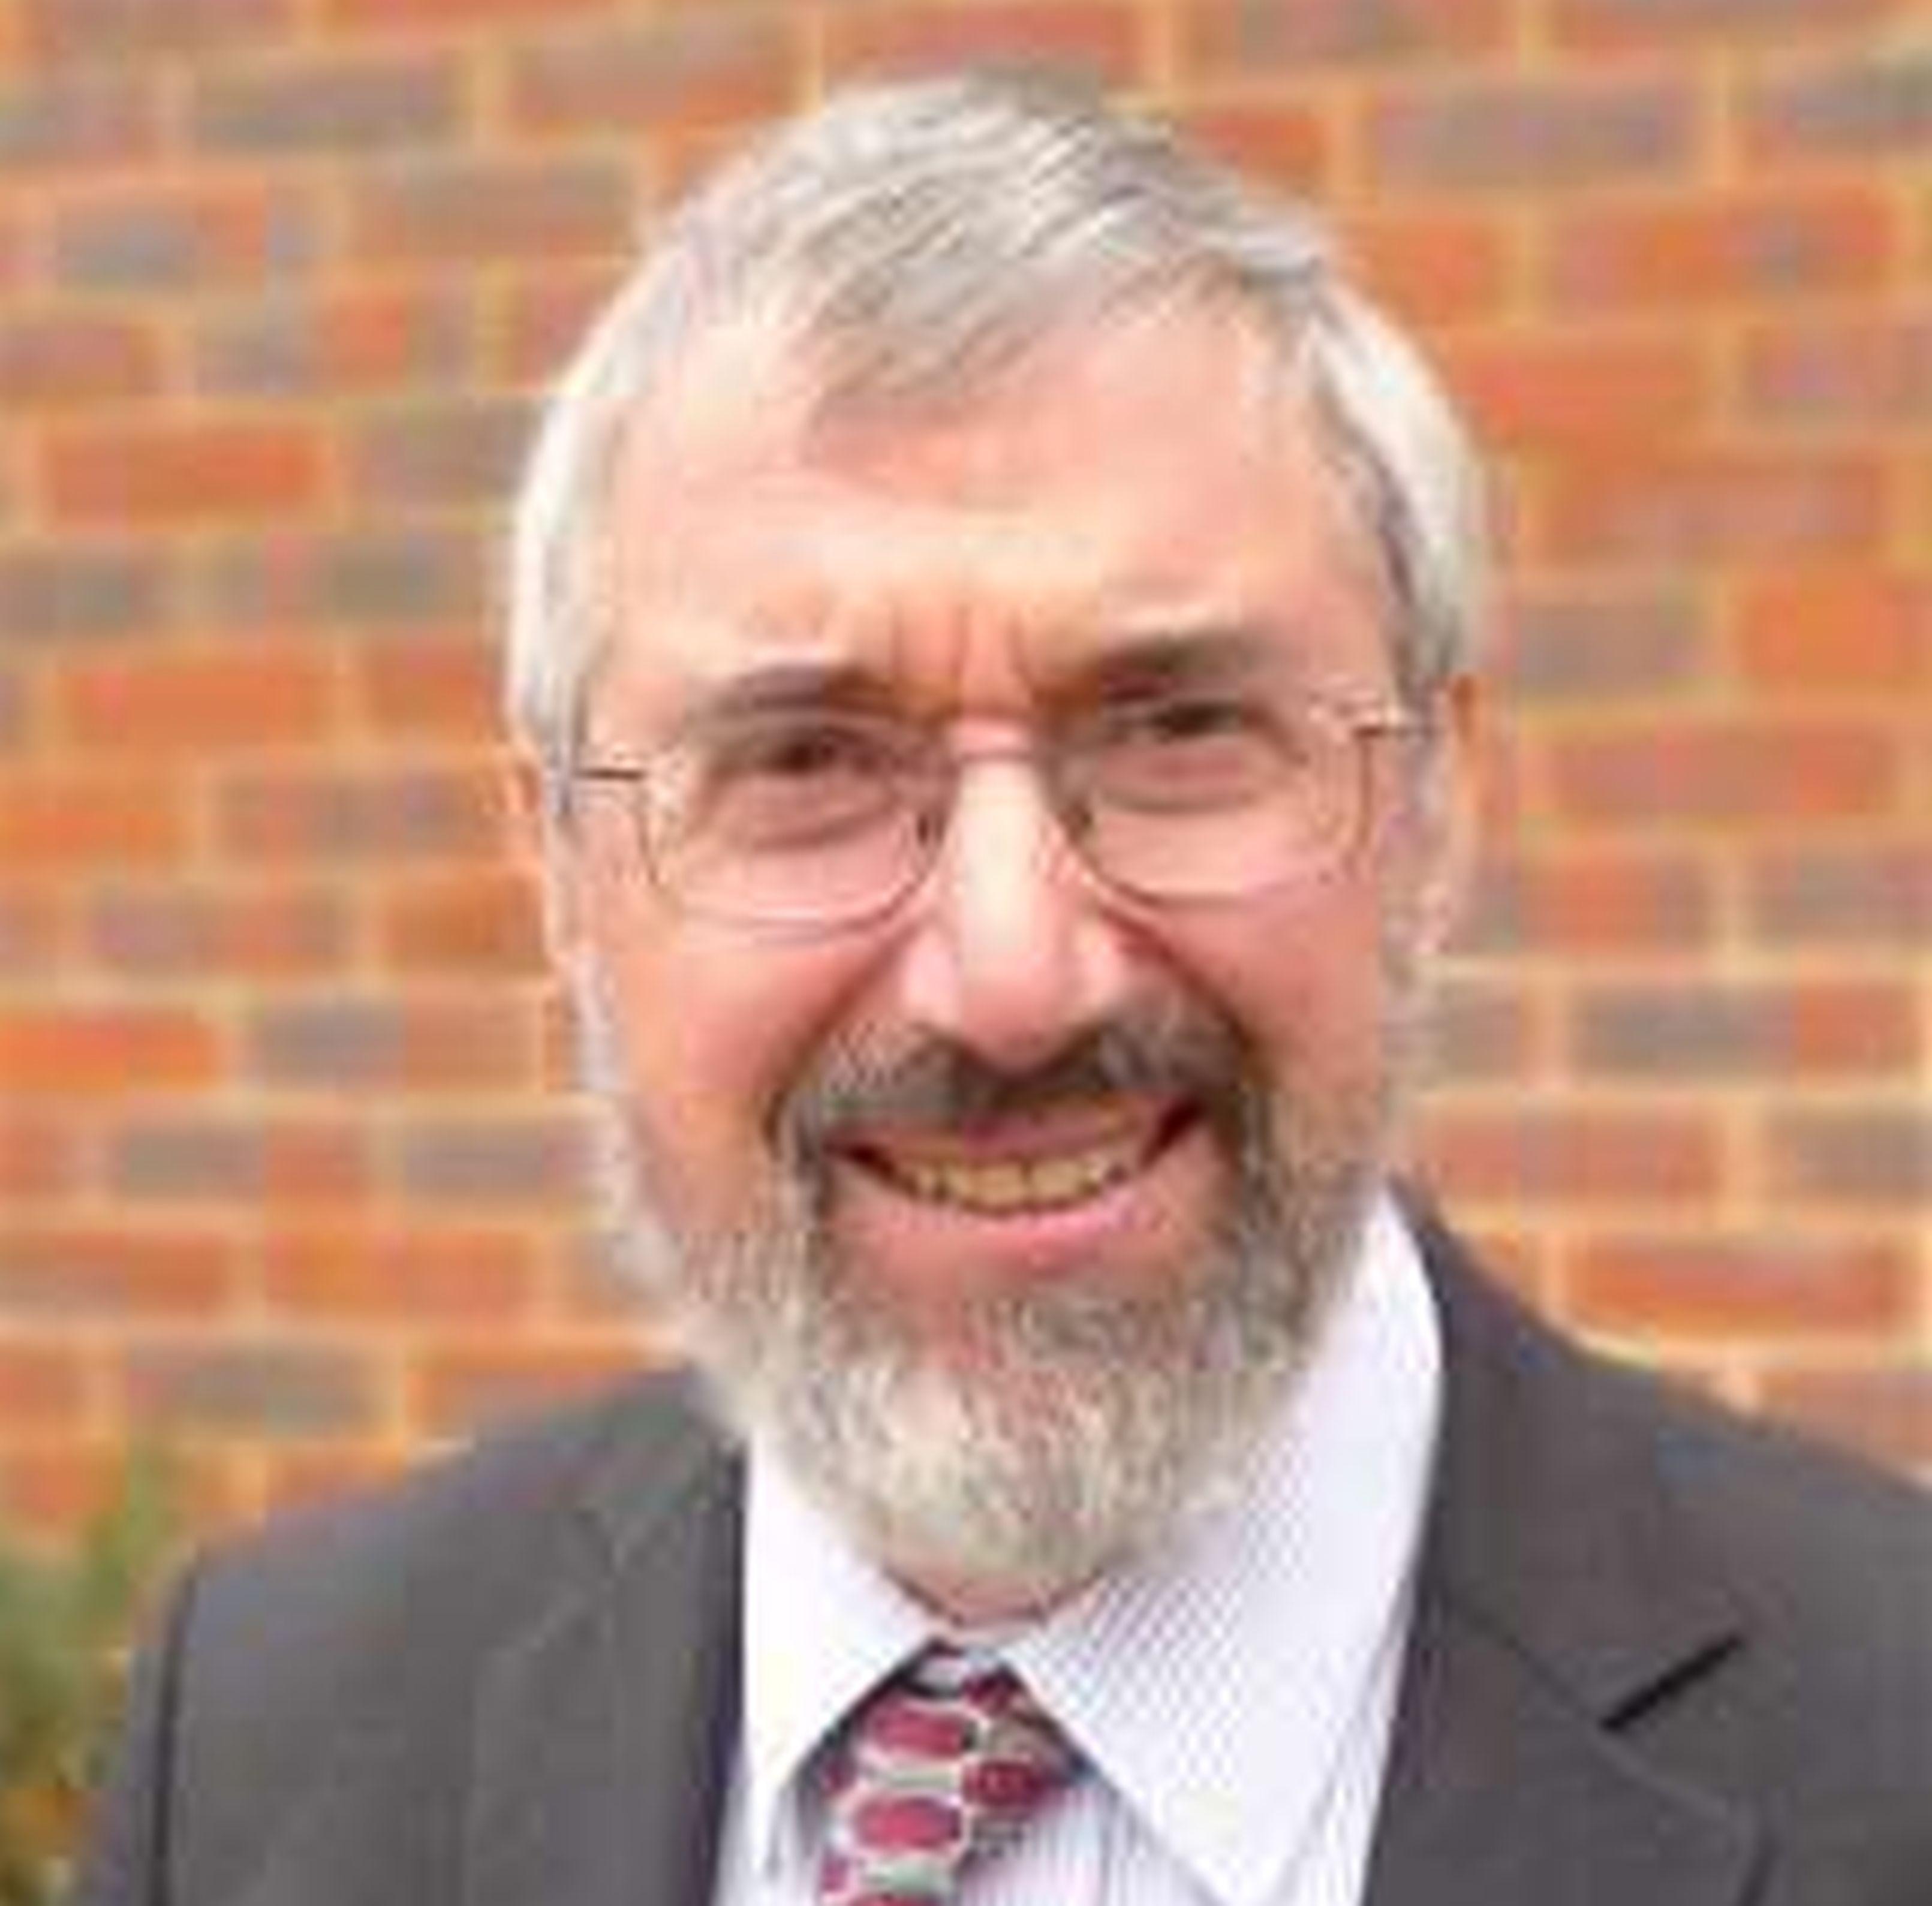 RabbiMichaelHilton